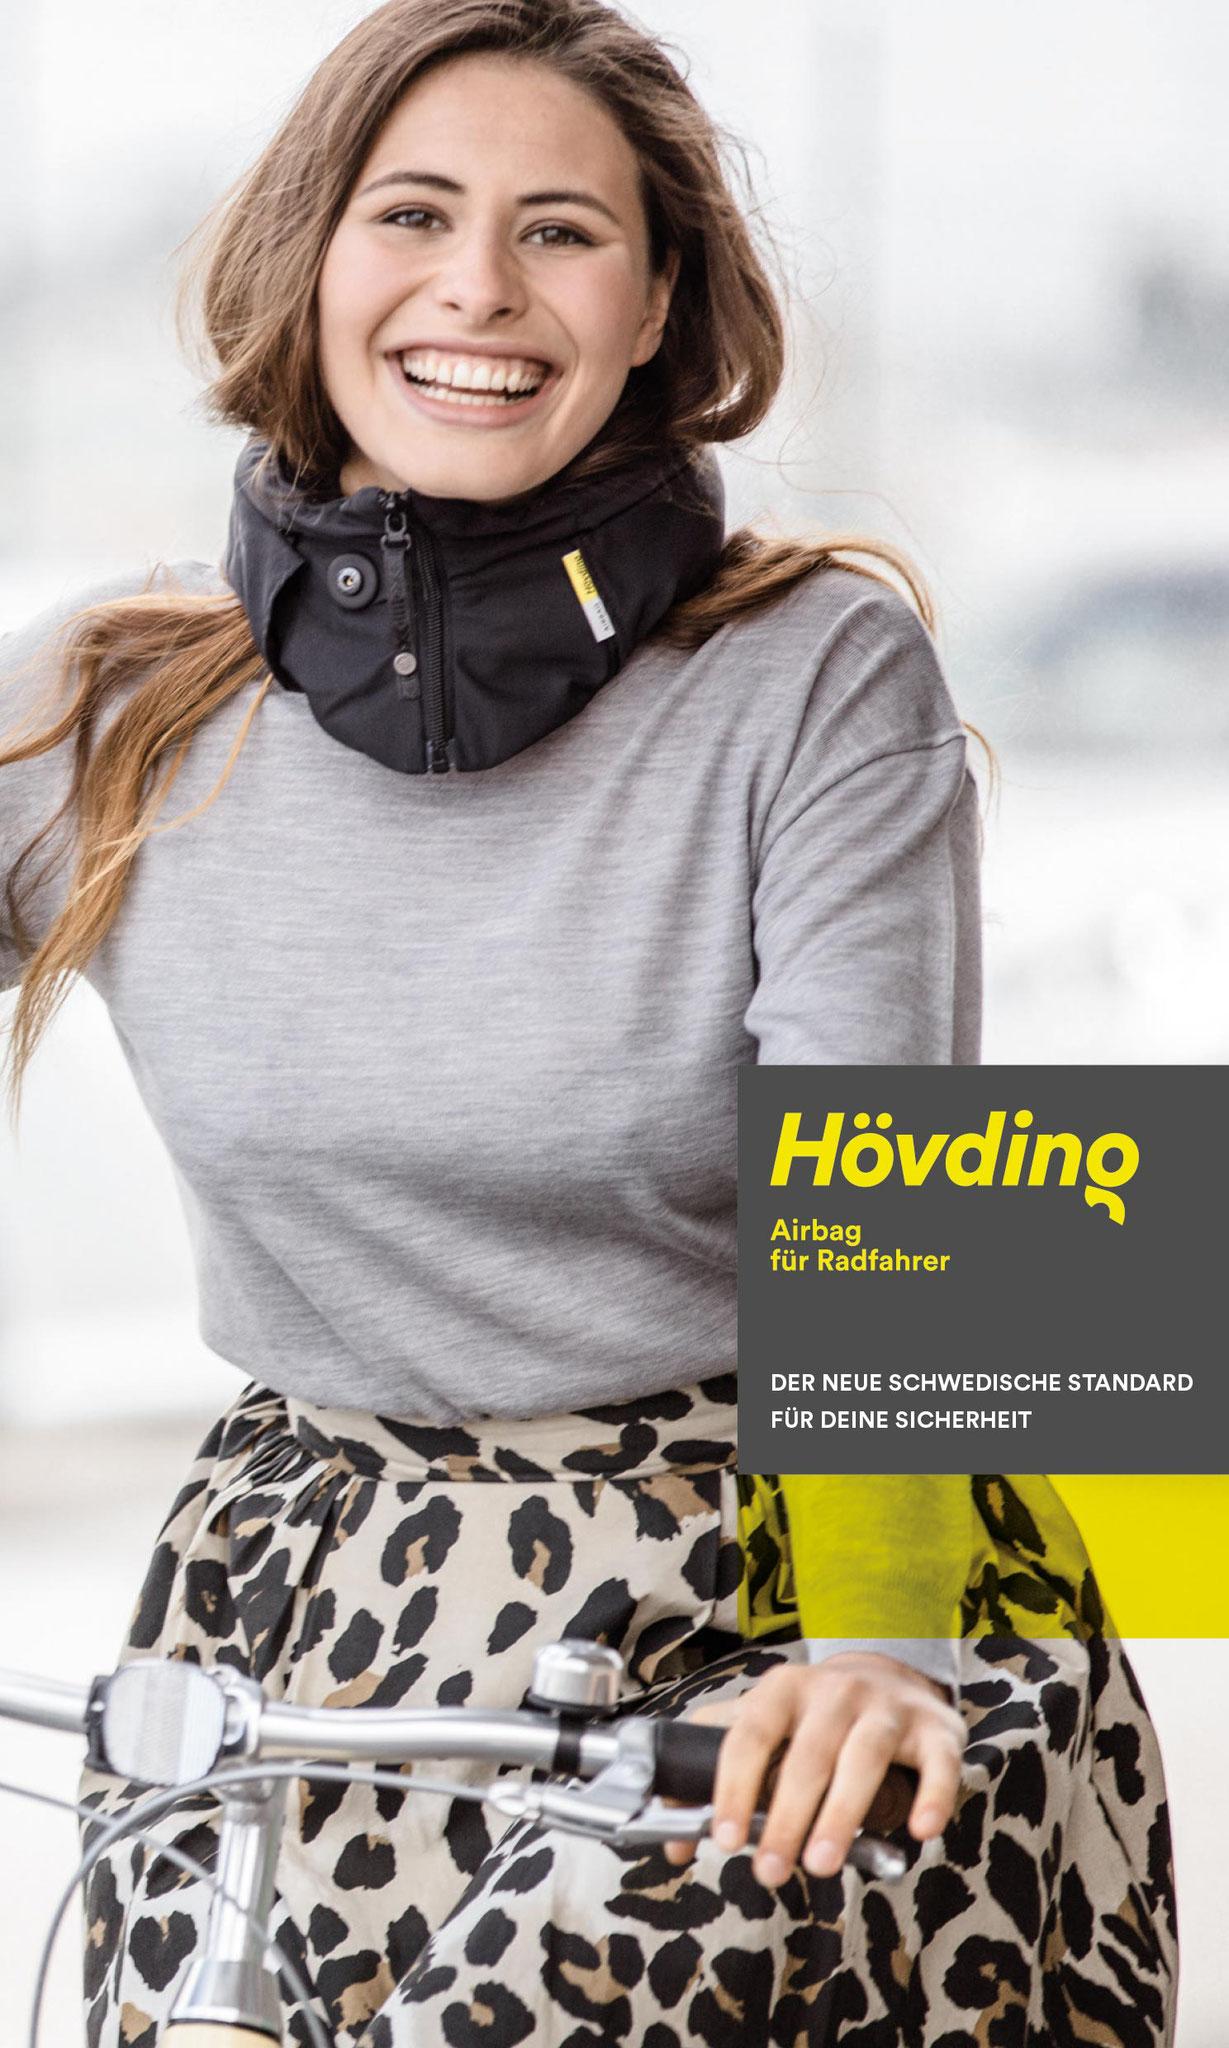 Hövding Airbaghelm: 3-mal bessere Stoßdämpfung als herkömmliche Helme